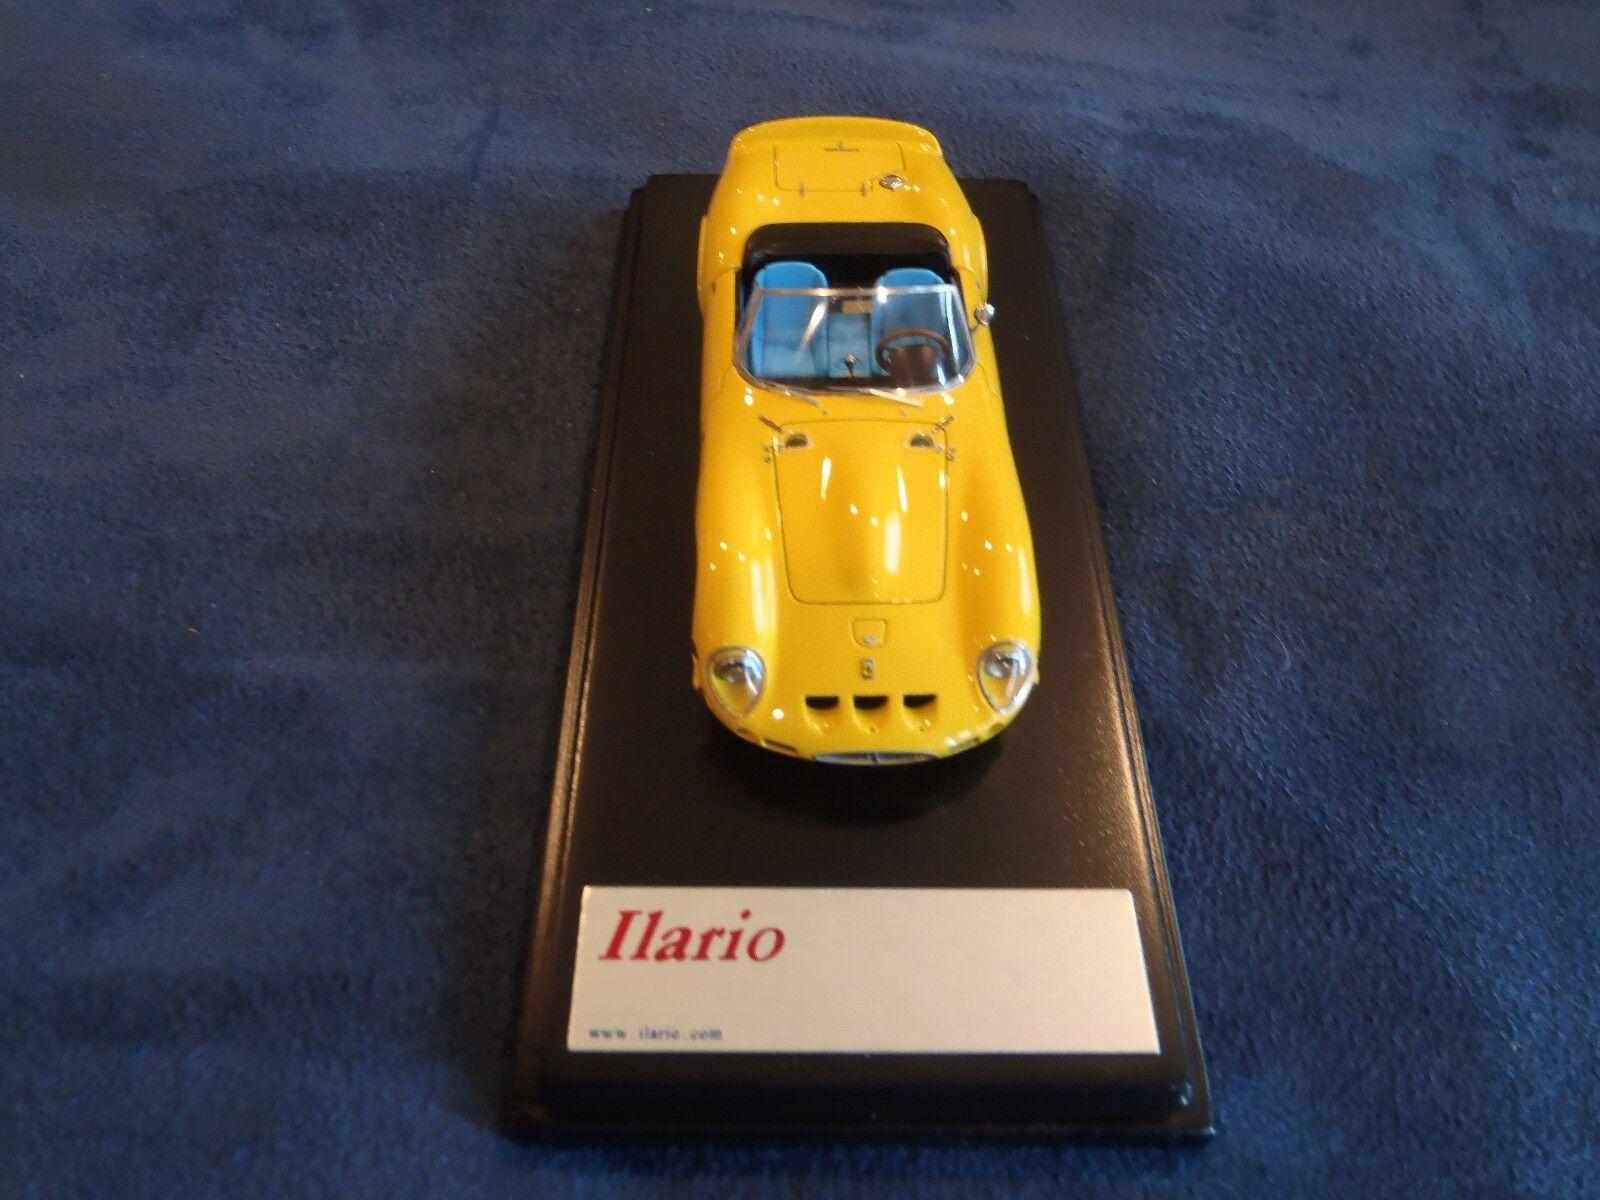 Ferrari Gto Araña 1 43 escala 1 10 construida a mano por Ilario en Francia